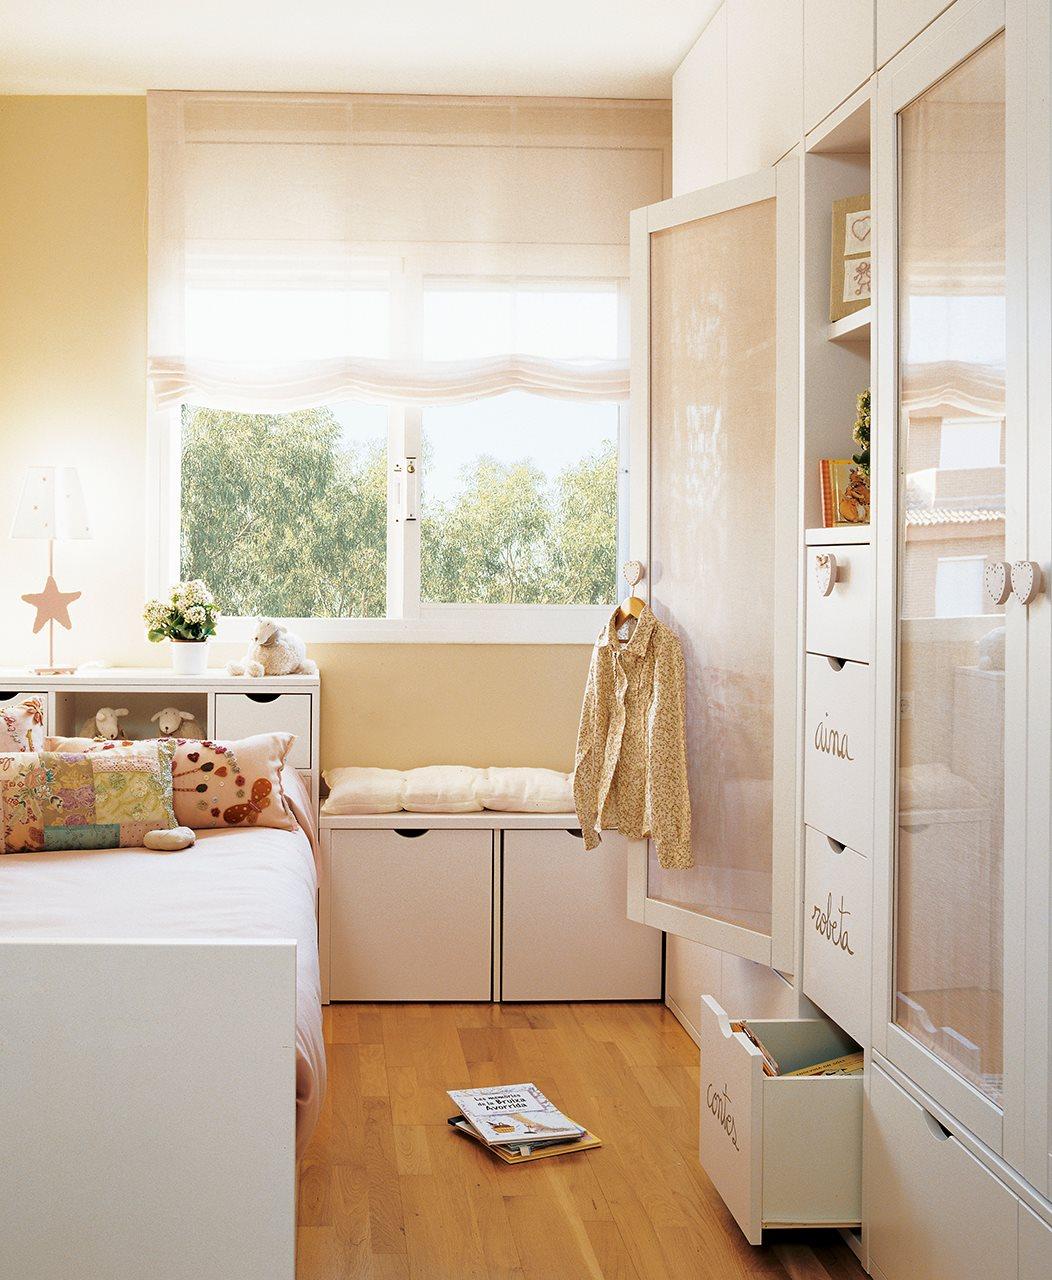 Cajones para tenerlo todo en orden - Dormitorio a medida ...